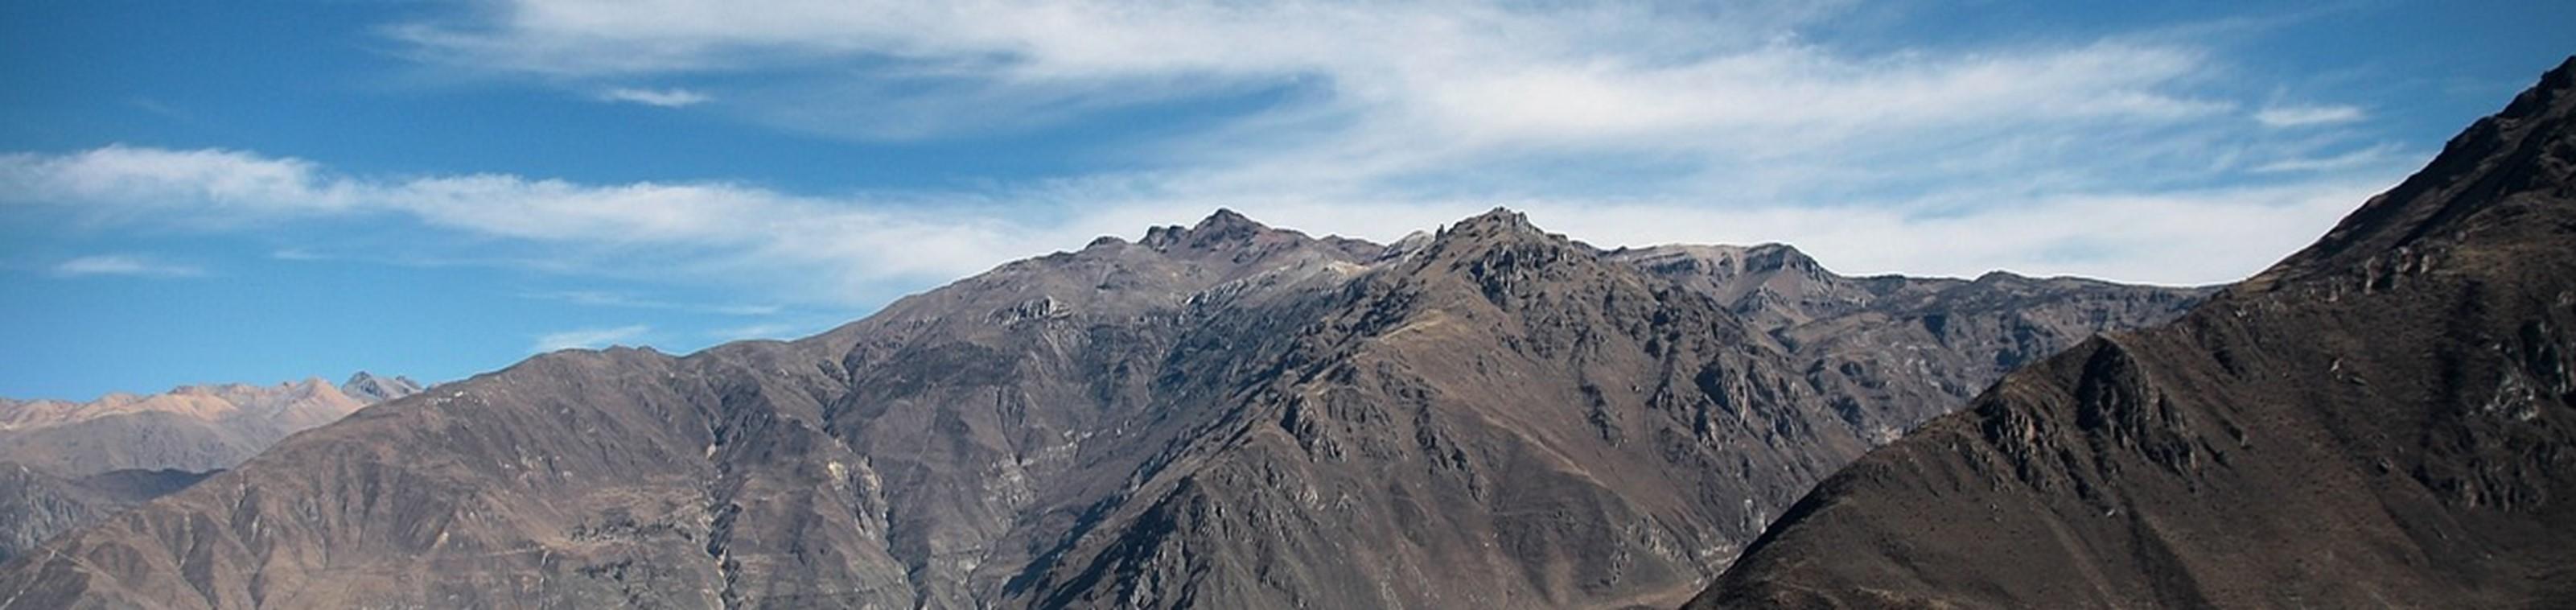 Peru, schatten van de Andes